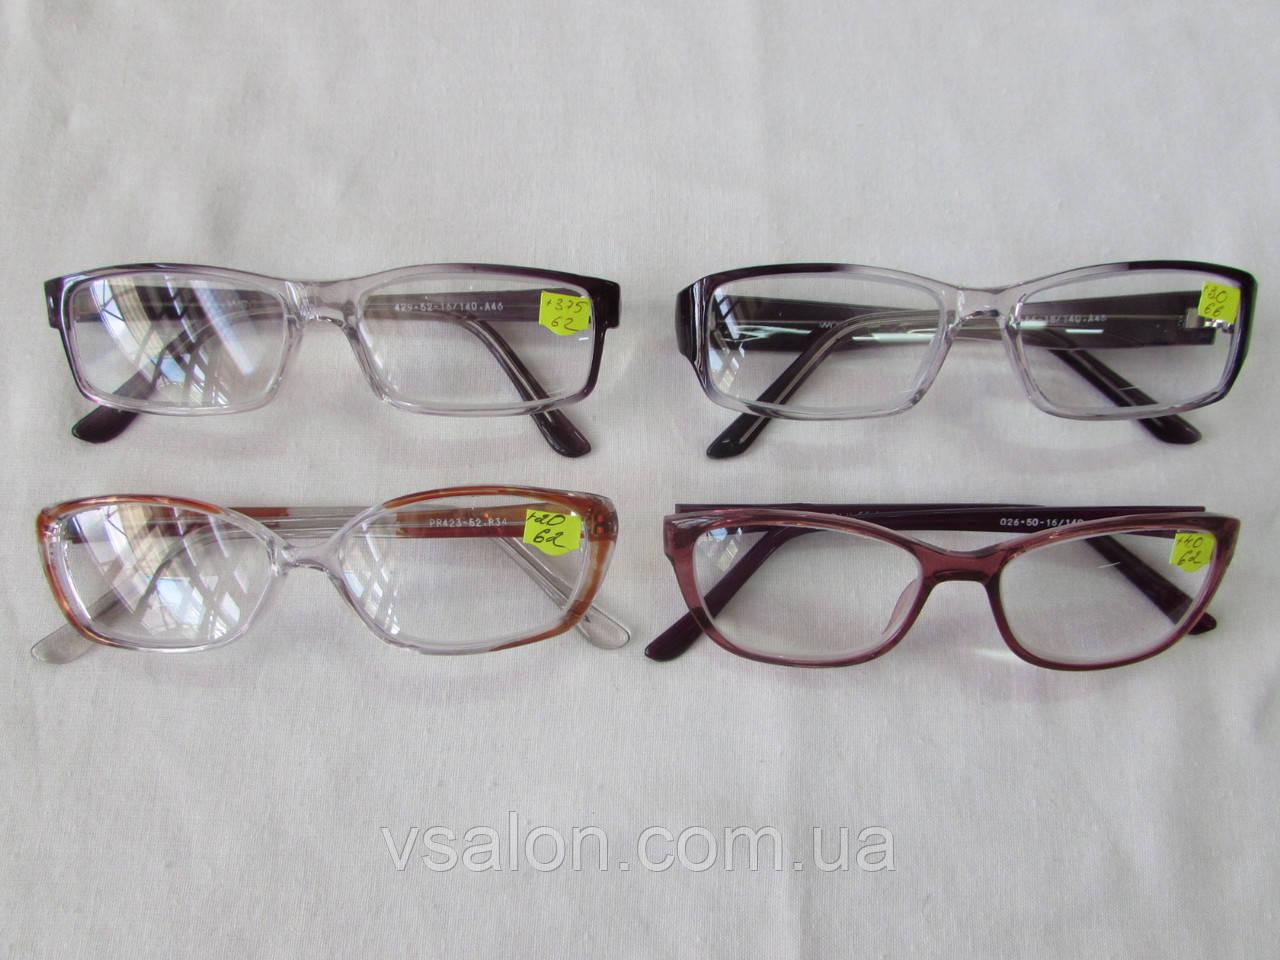 Очки с большими диоптриями мужские +4,0 до +6,0